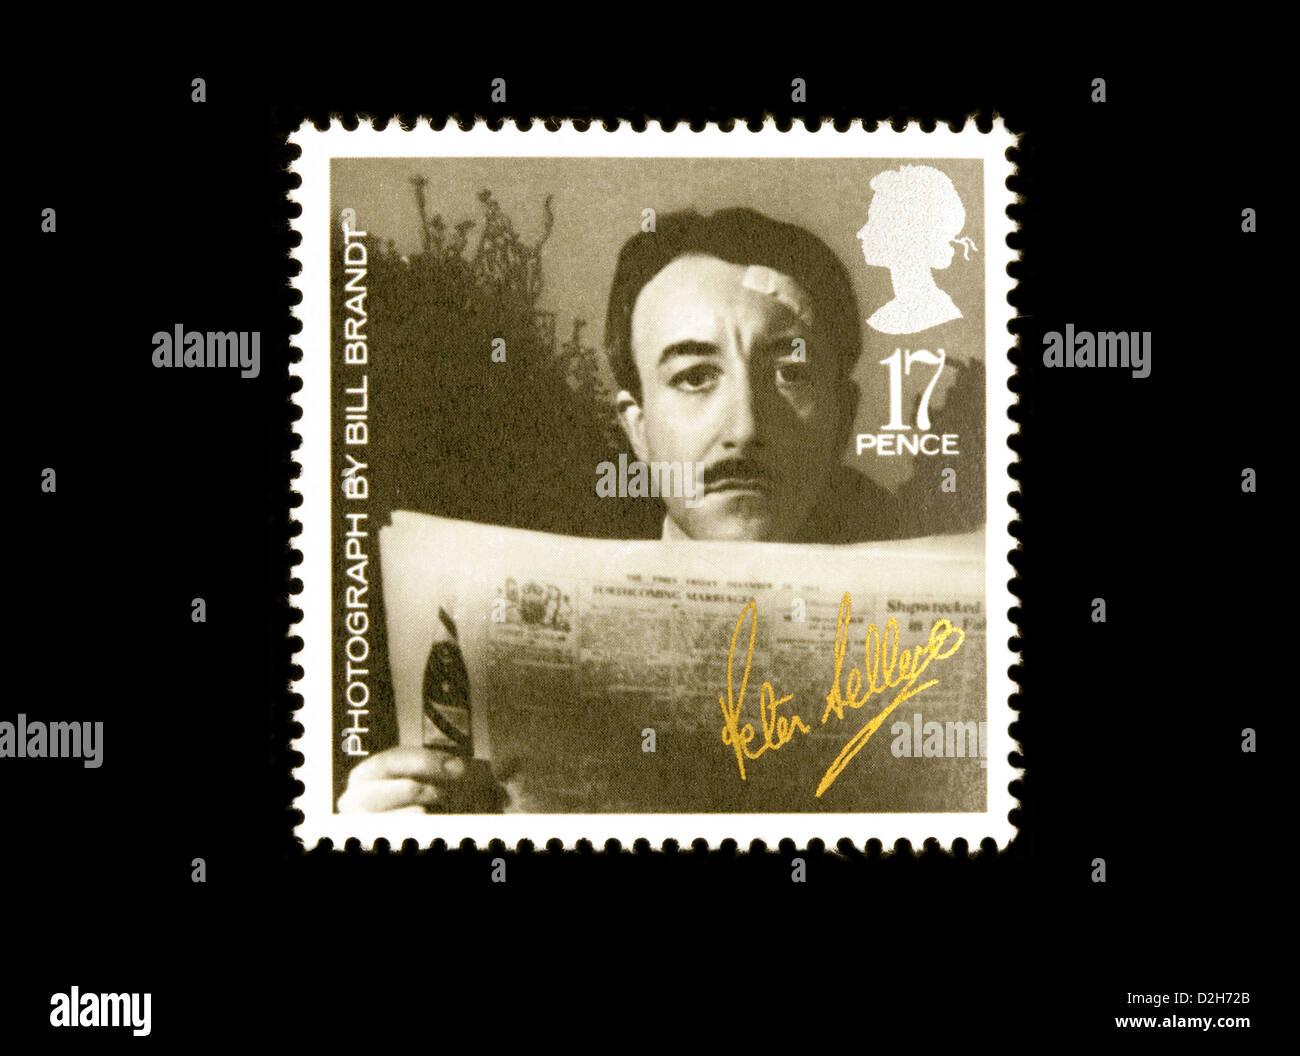 1985 sello británico con una fotografía del actor Peter Sellers tomadas por Bill Brandt, Reino Unido, Imagen De Stock